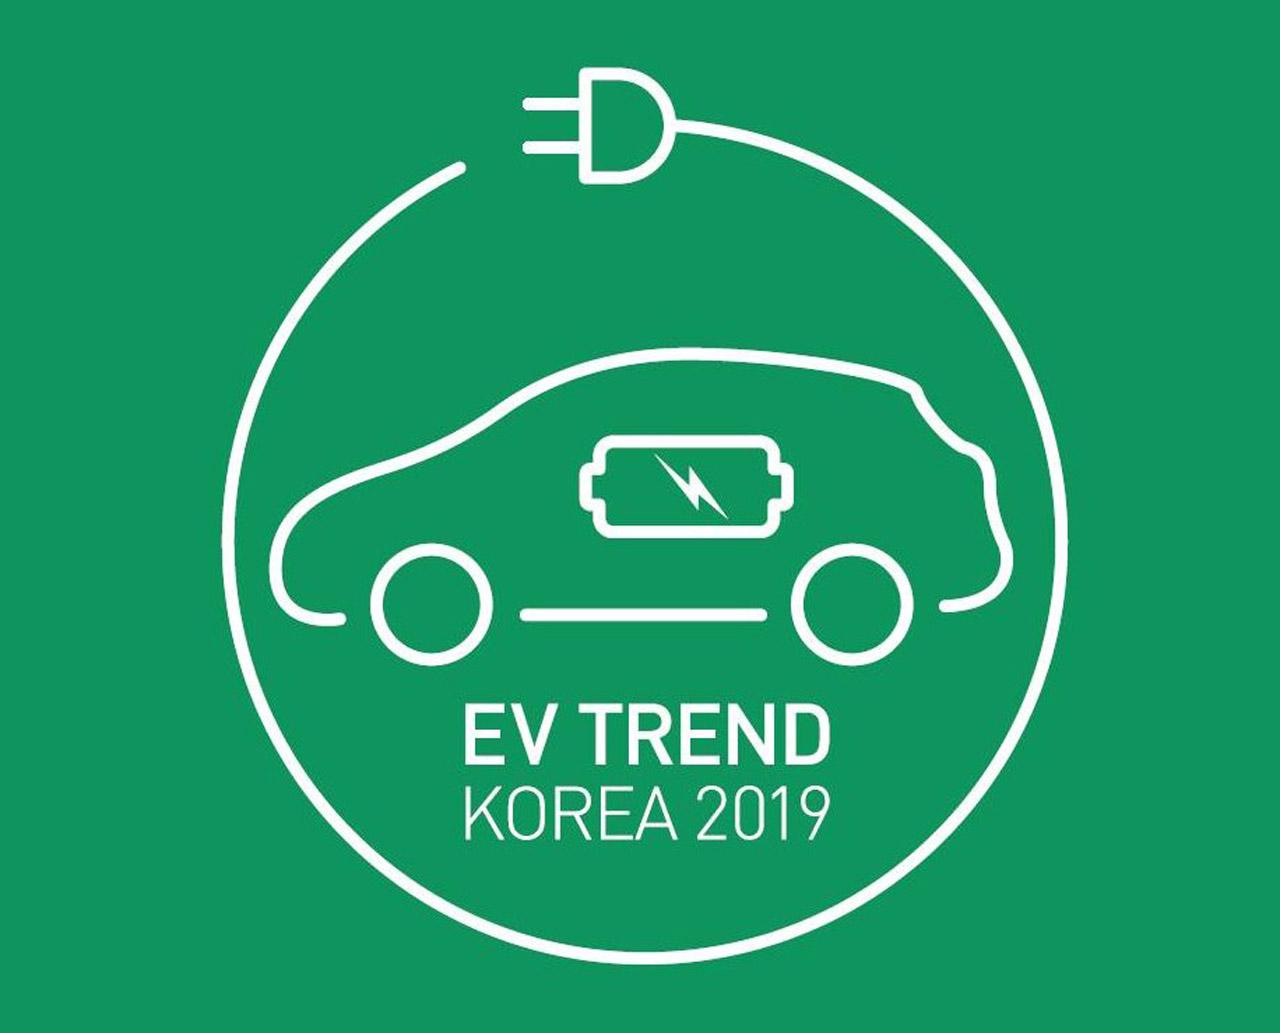 [참고] EV Trend Korea 2019 이미지.JPG